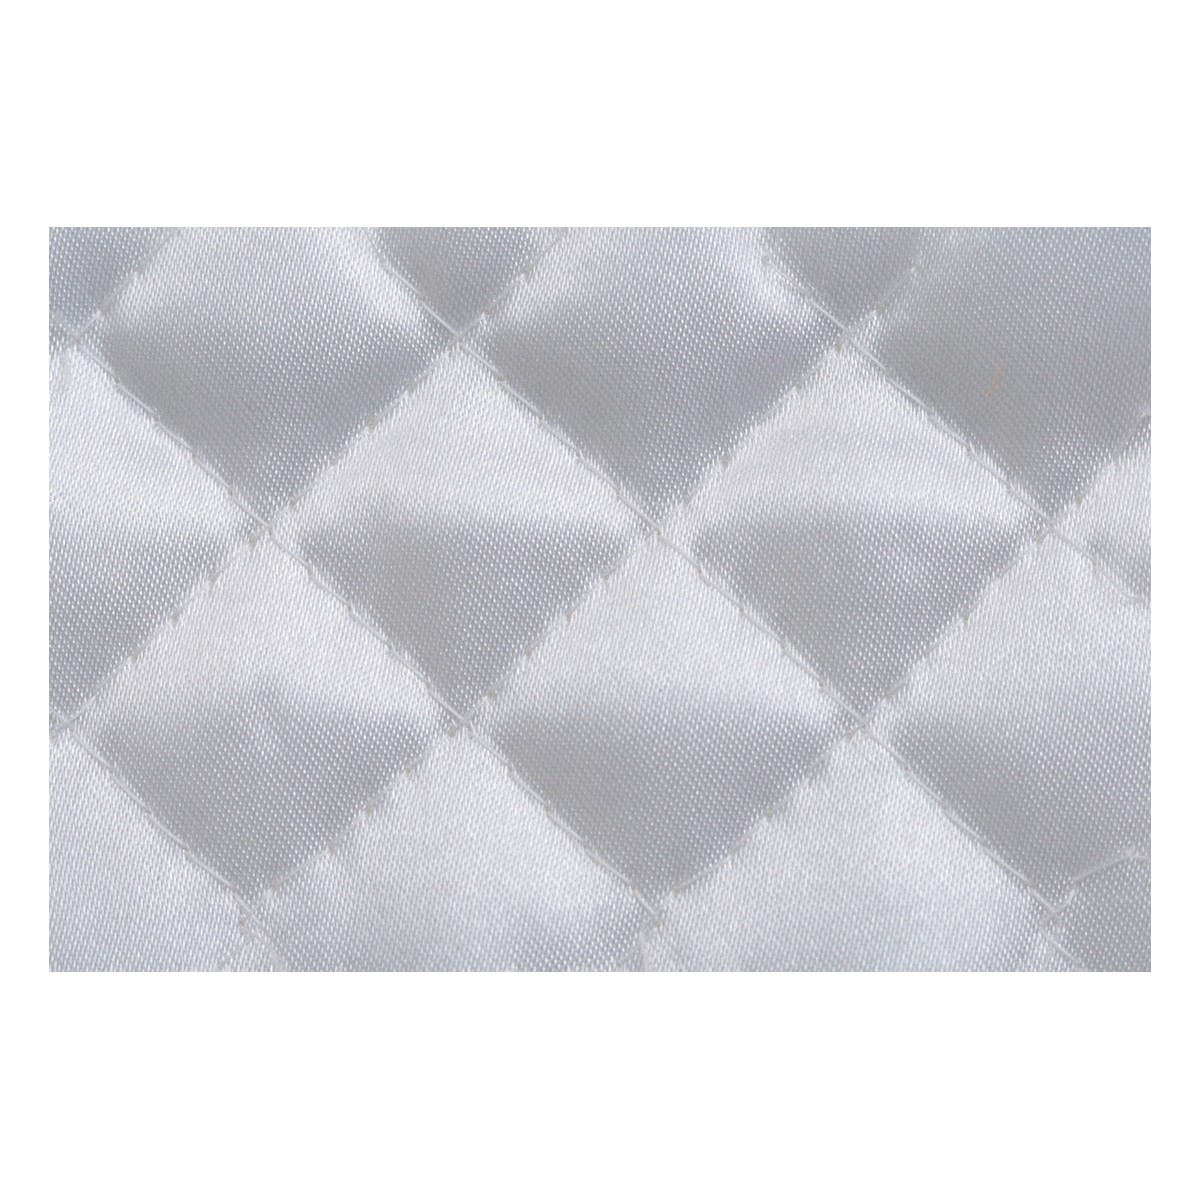 サテンキルト巾約110cm 原反 15-09/AQ1500R-KW【07】【取寄】[12m]